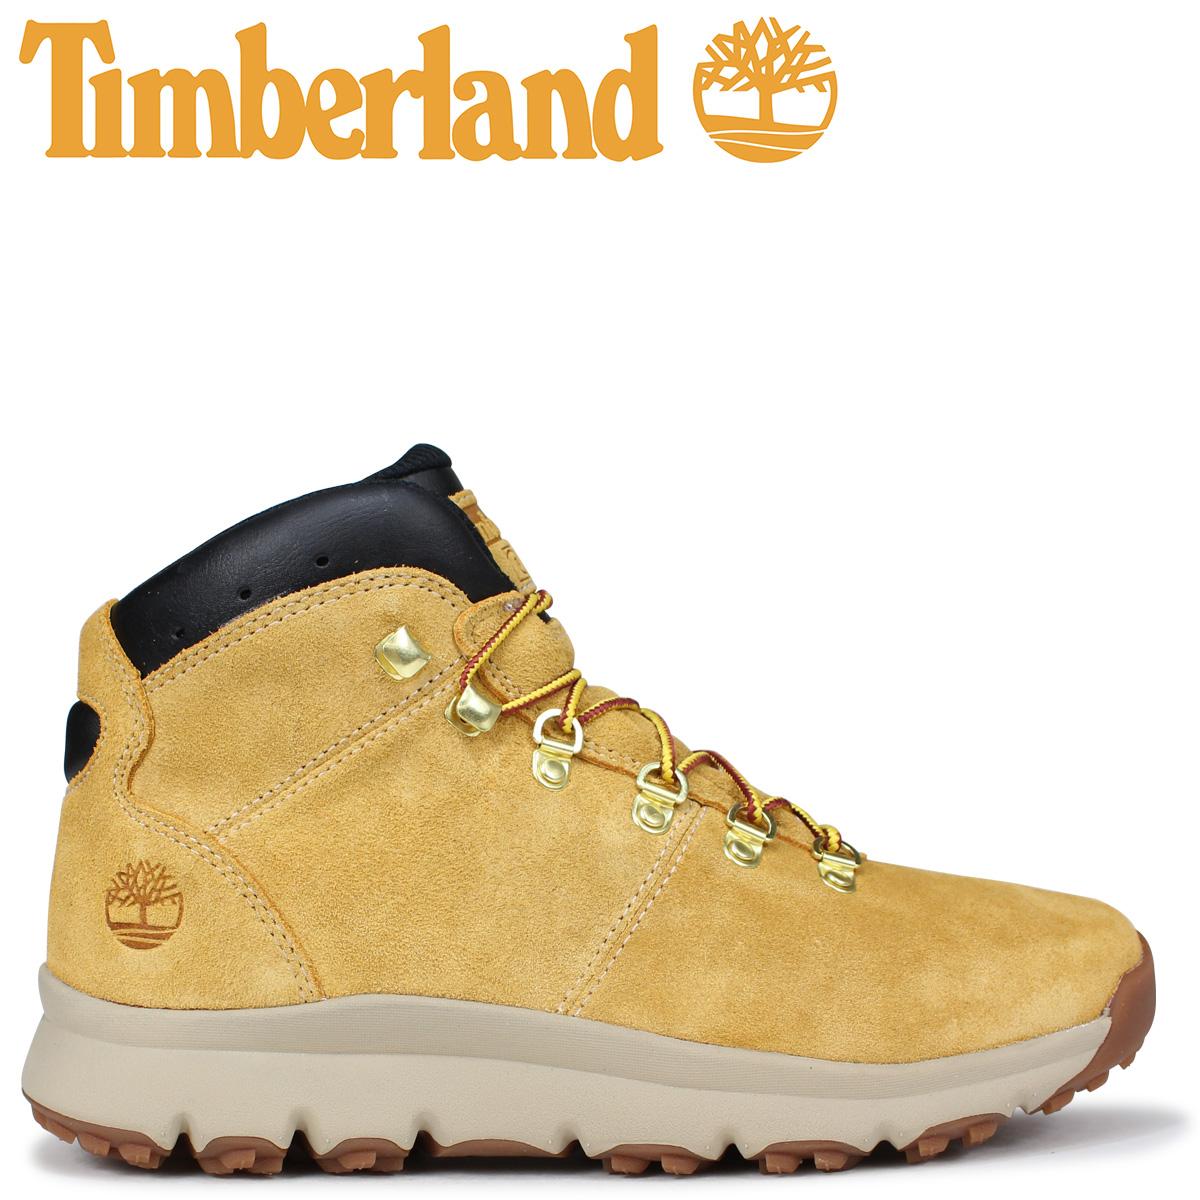 Timberland ブーツ メンズ ティンバーランド WORLD HIKER A1QEW Mワイズ ウィート [9/7 新入荷]